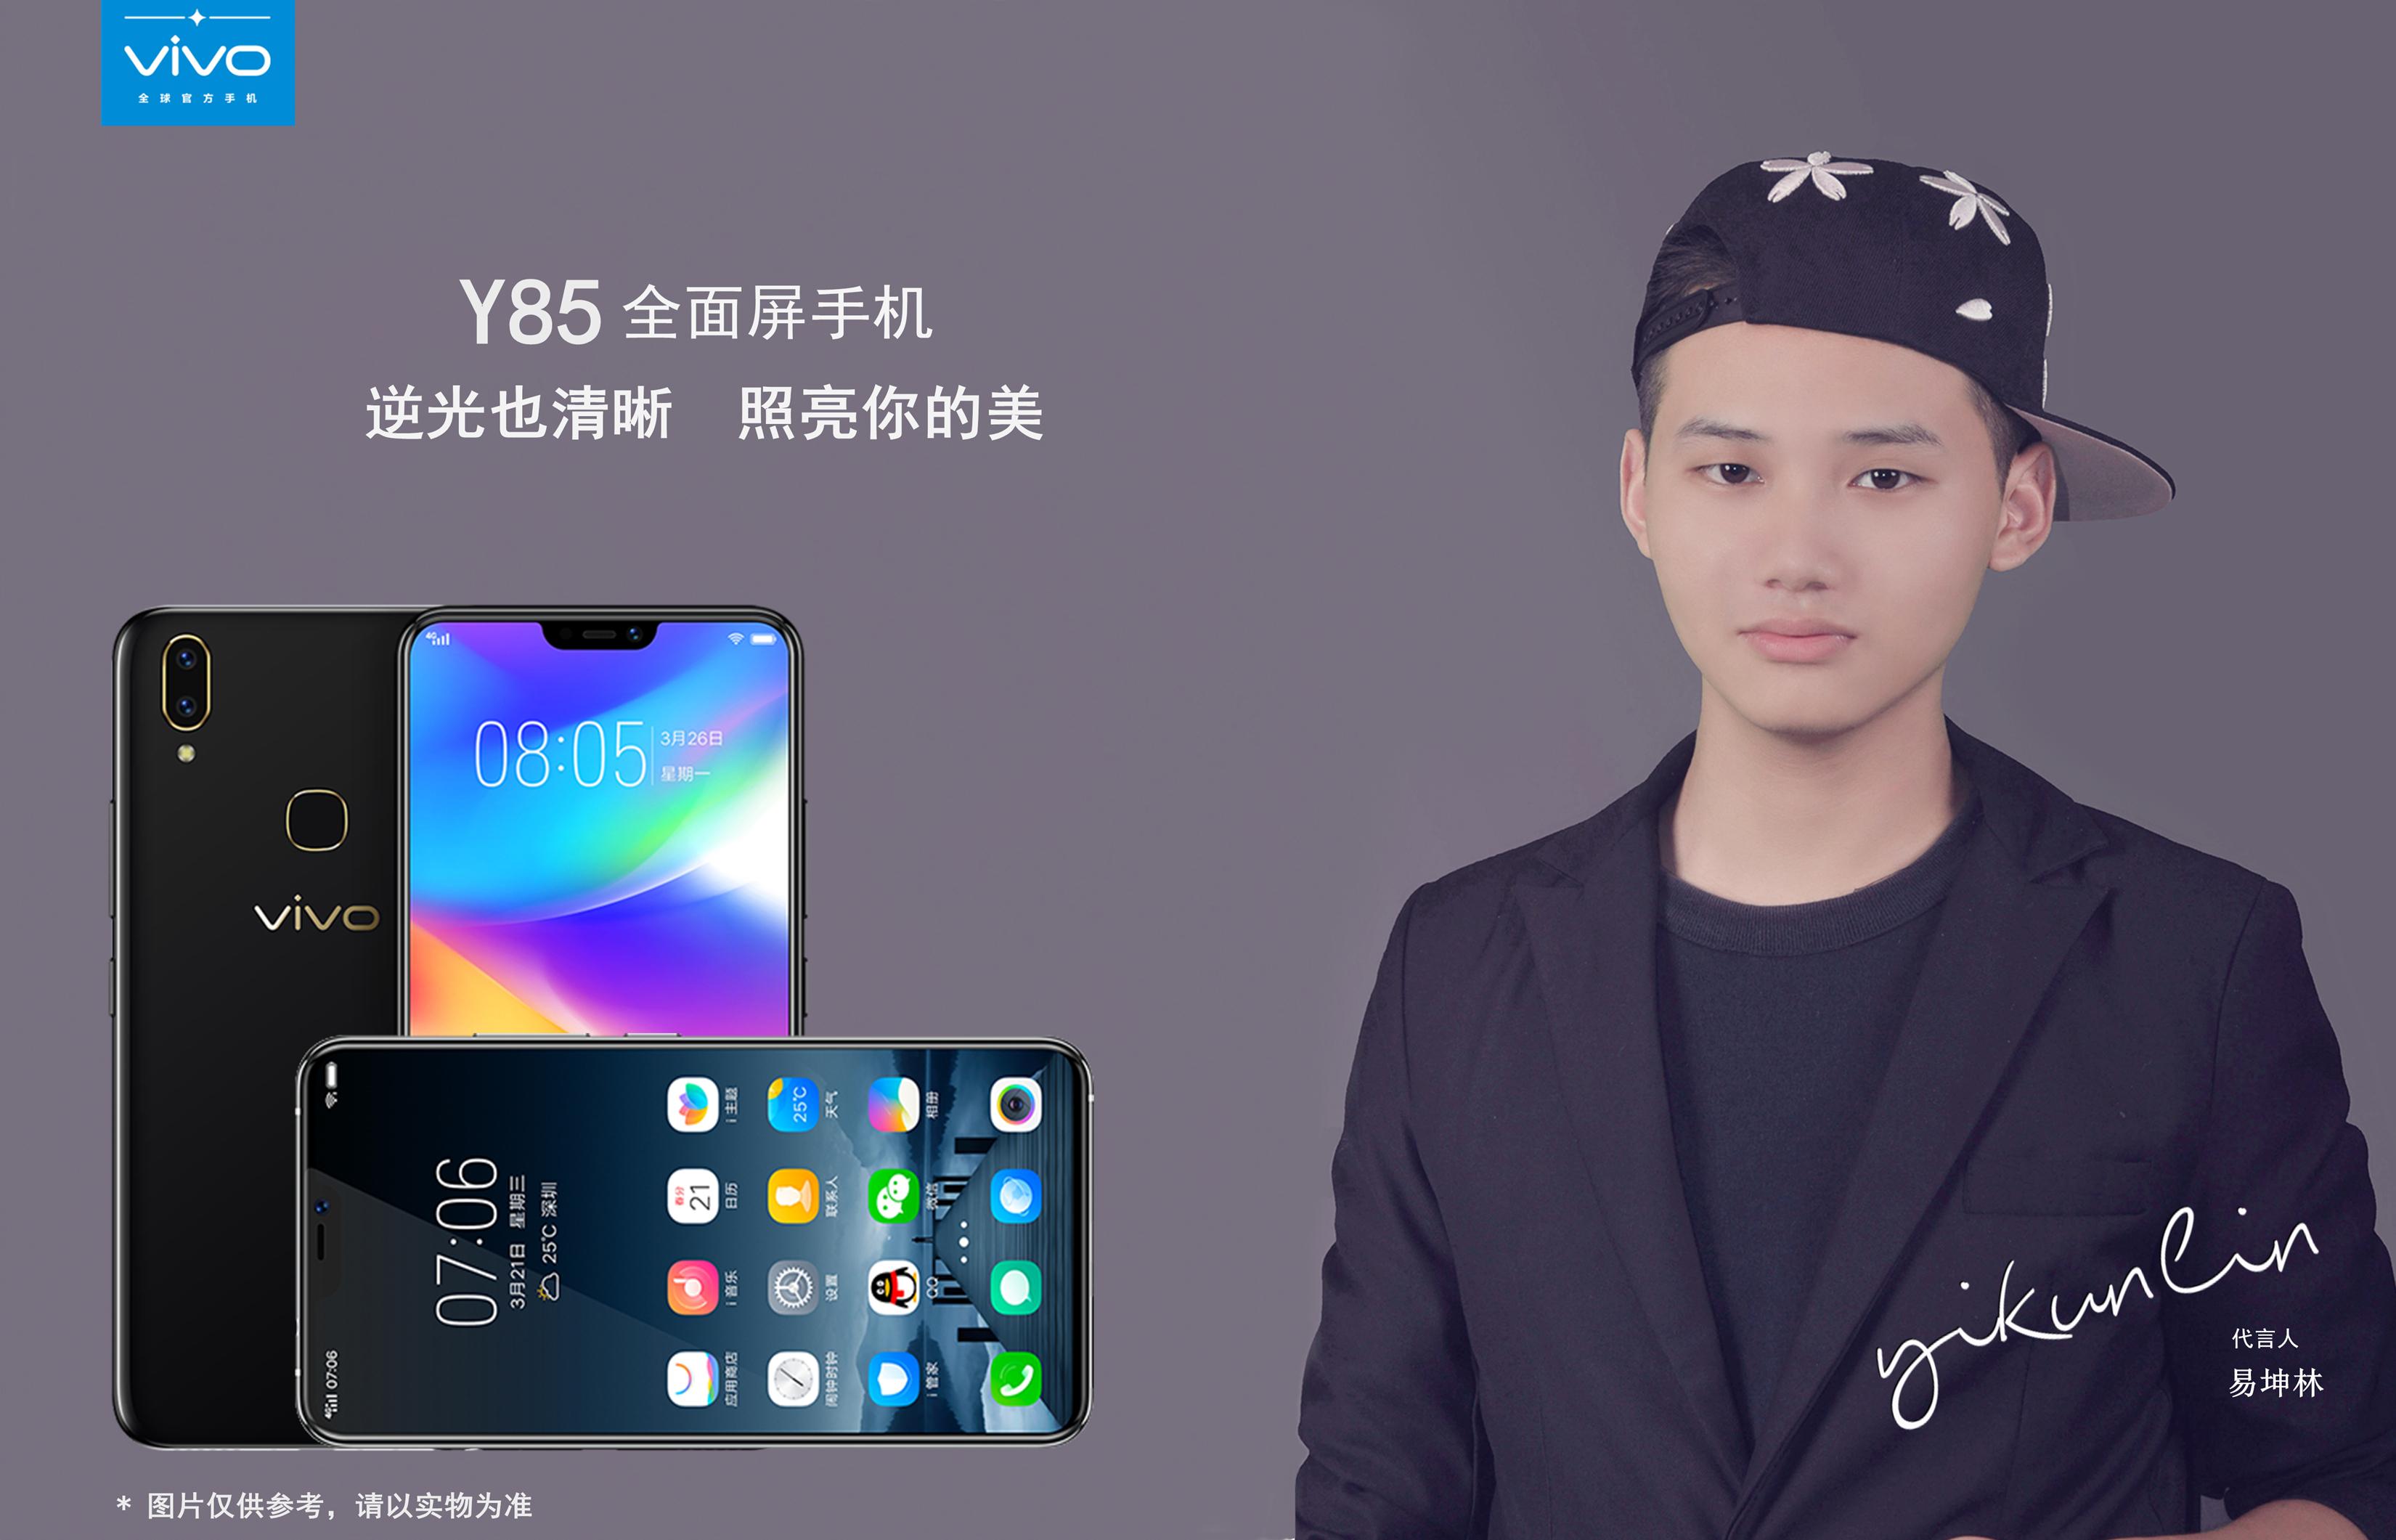 易坤林代言vivo Y85全面屏手机